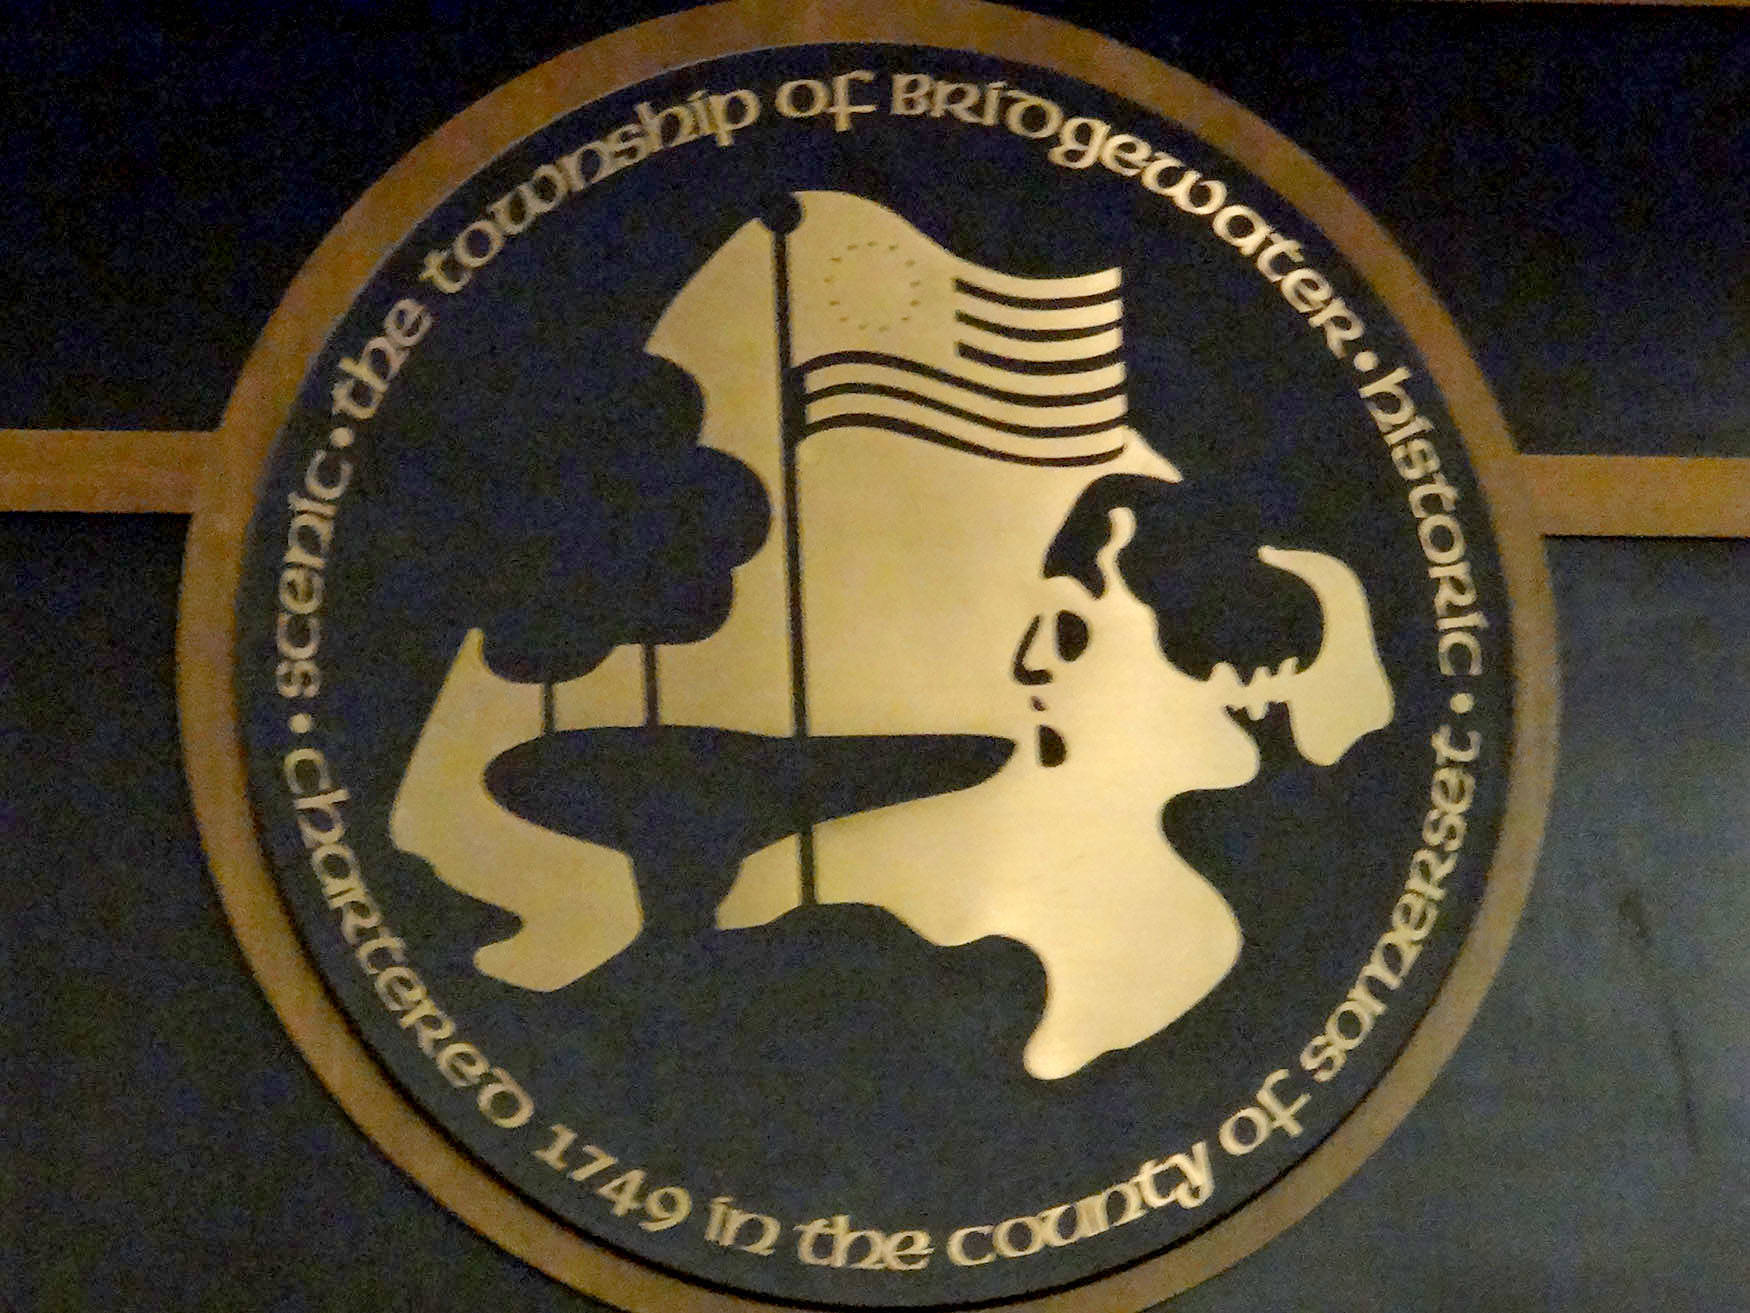 0d0f82a19b7403aabf78_Bridgewater_symbol.jpg